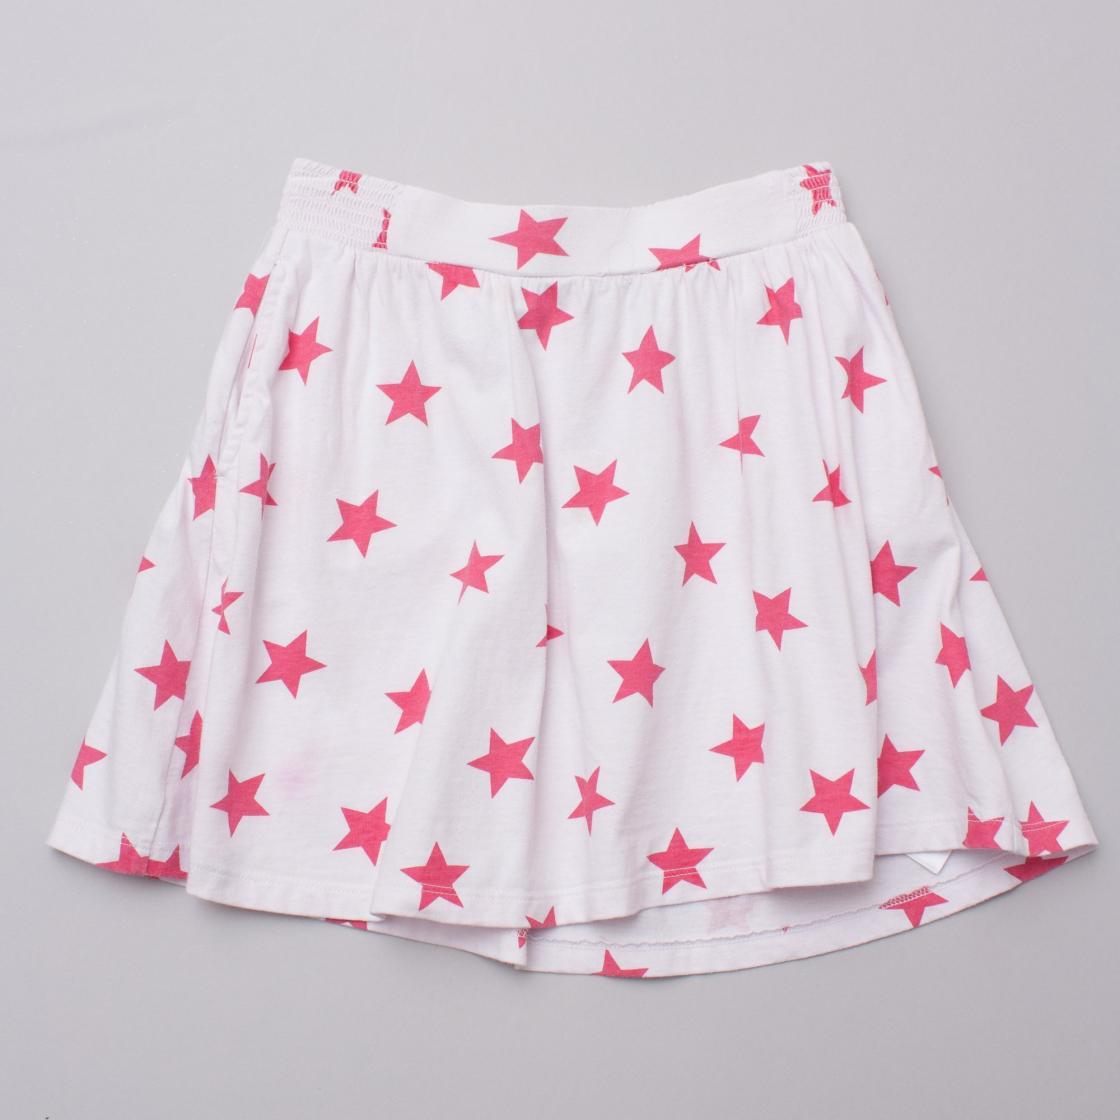 Gap Star Skirt